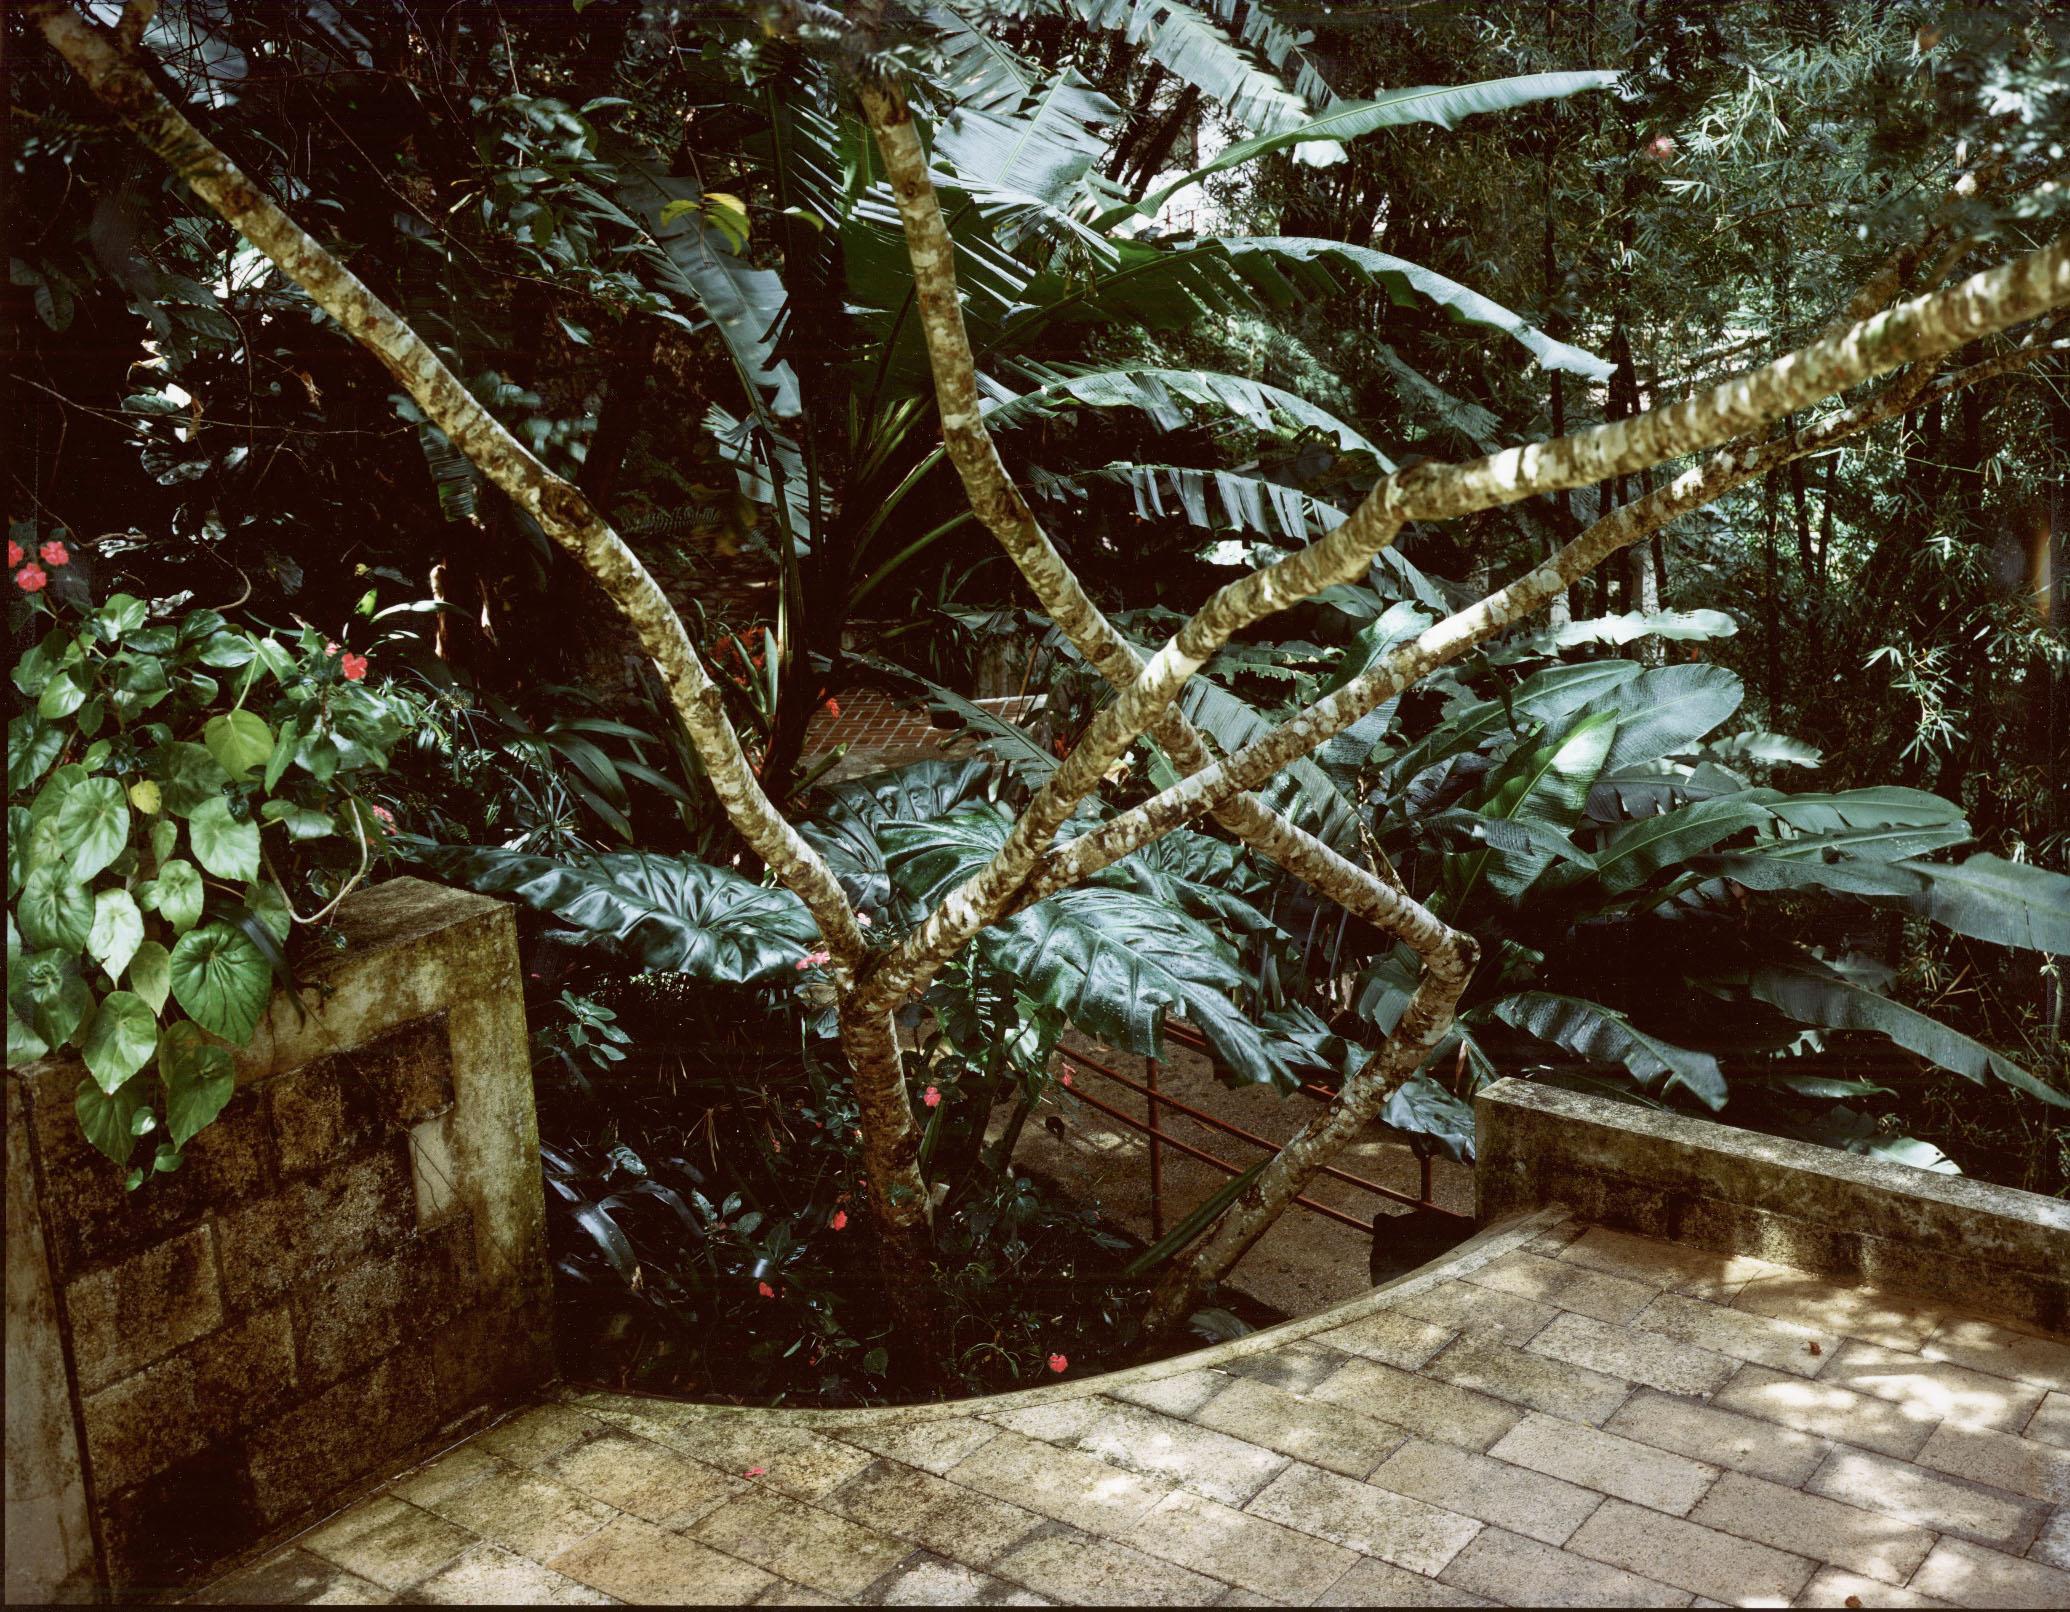 Puerto Rico (7)-EDIT.jpg